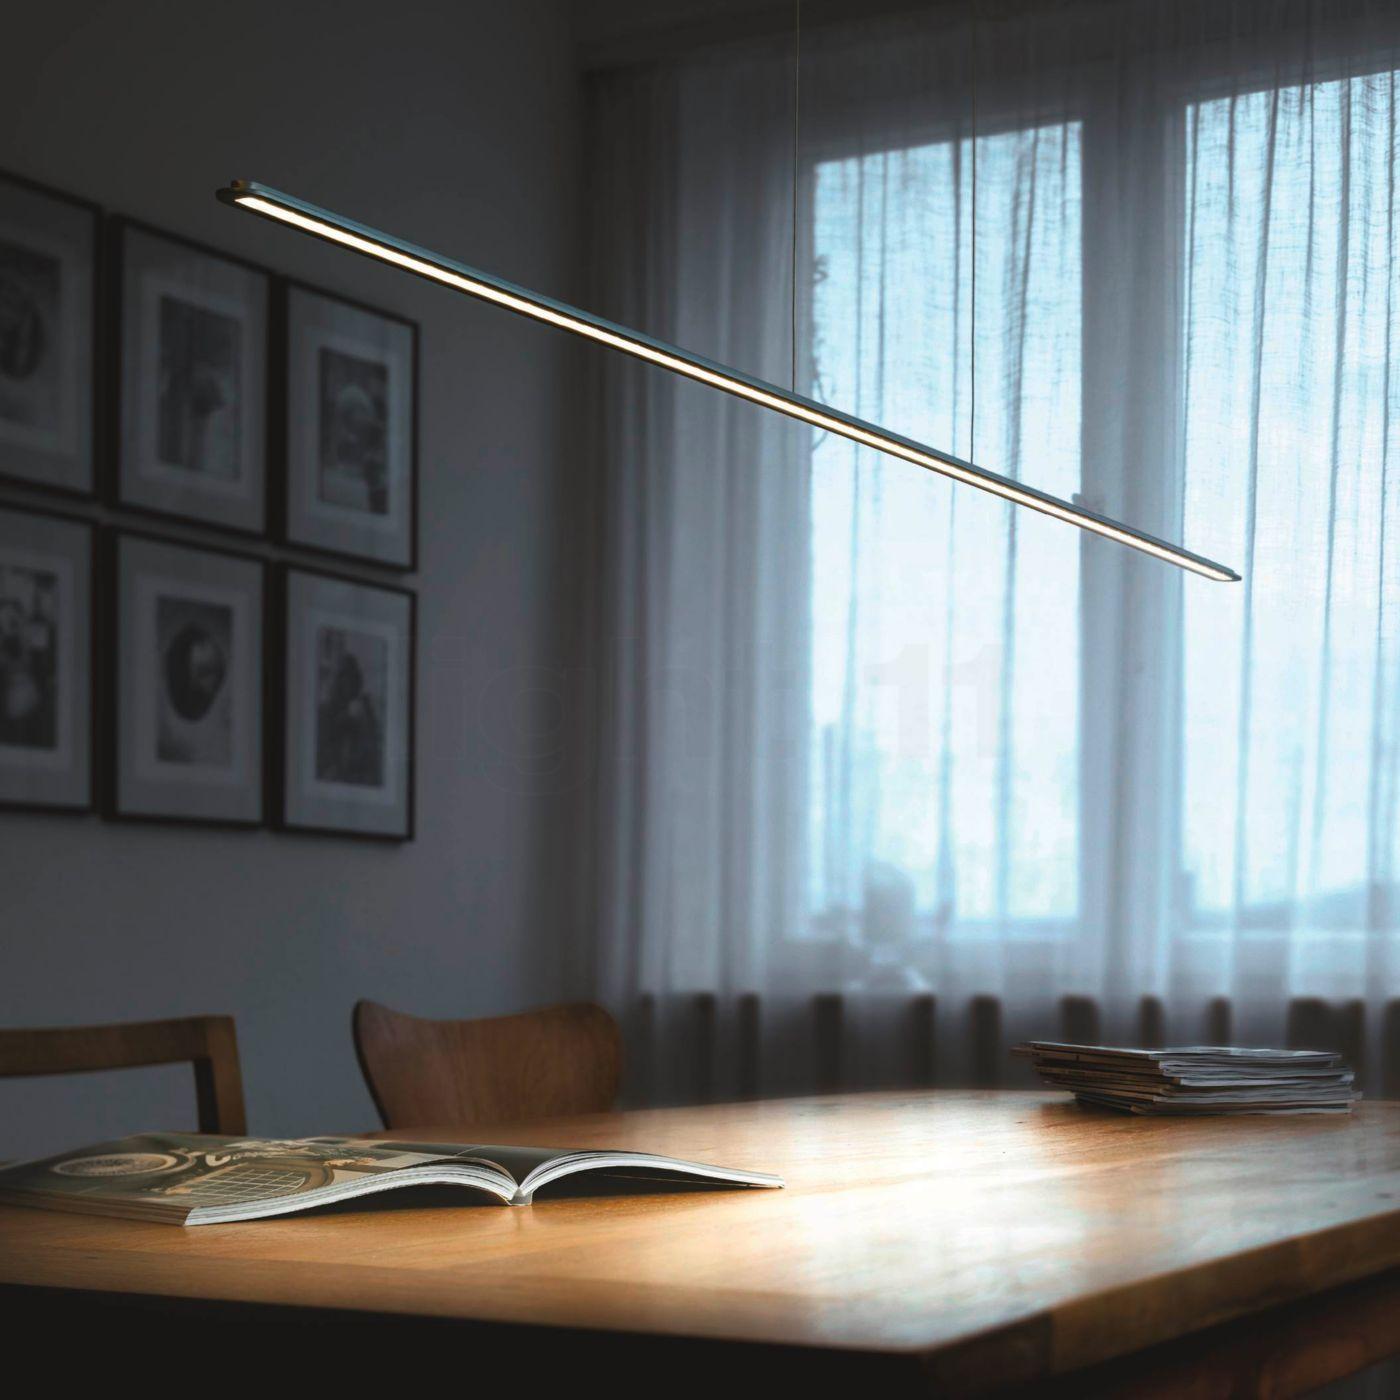 Steng Licht steng licht ledy pendant light pendant lights light11 eu